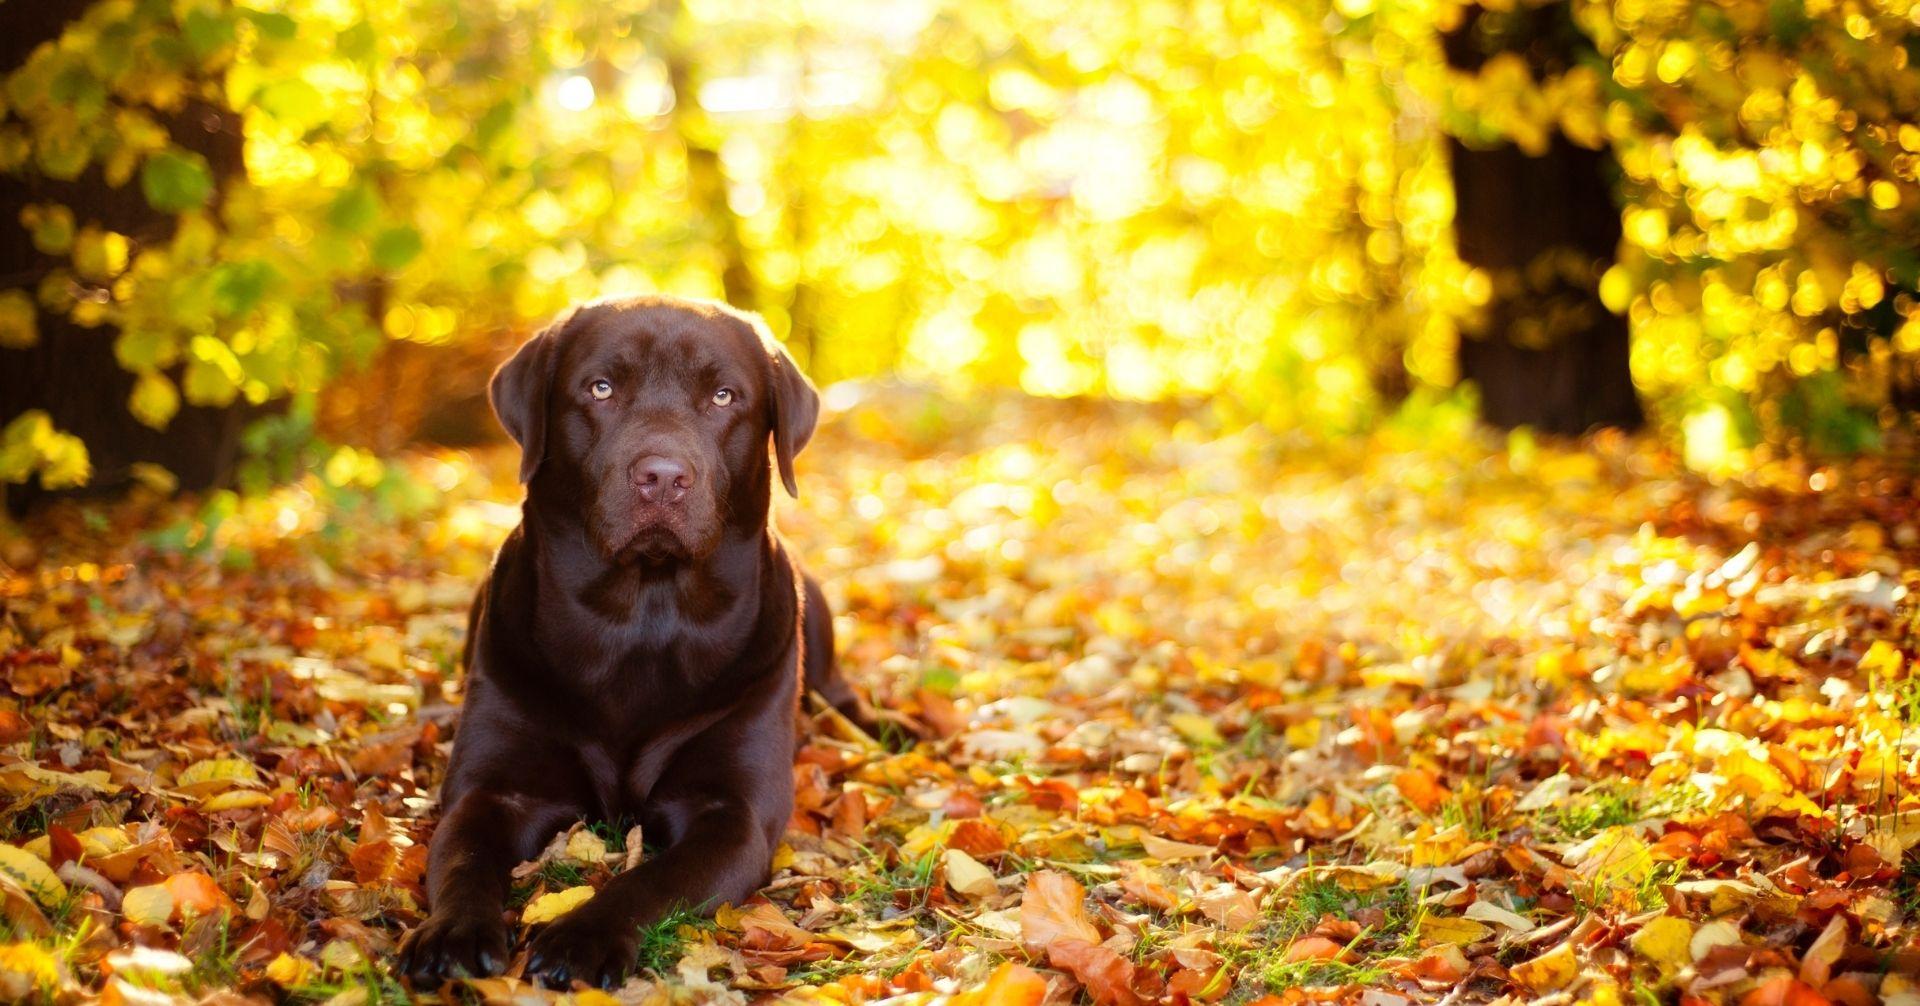 【夏から秋に向けてチェック!】季節の変わり目に注意すべき愛犬の不調